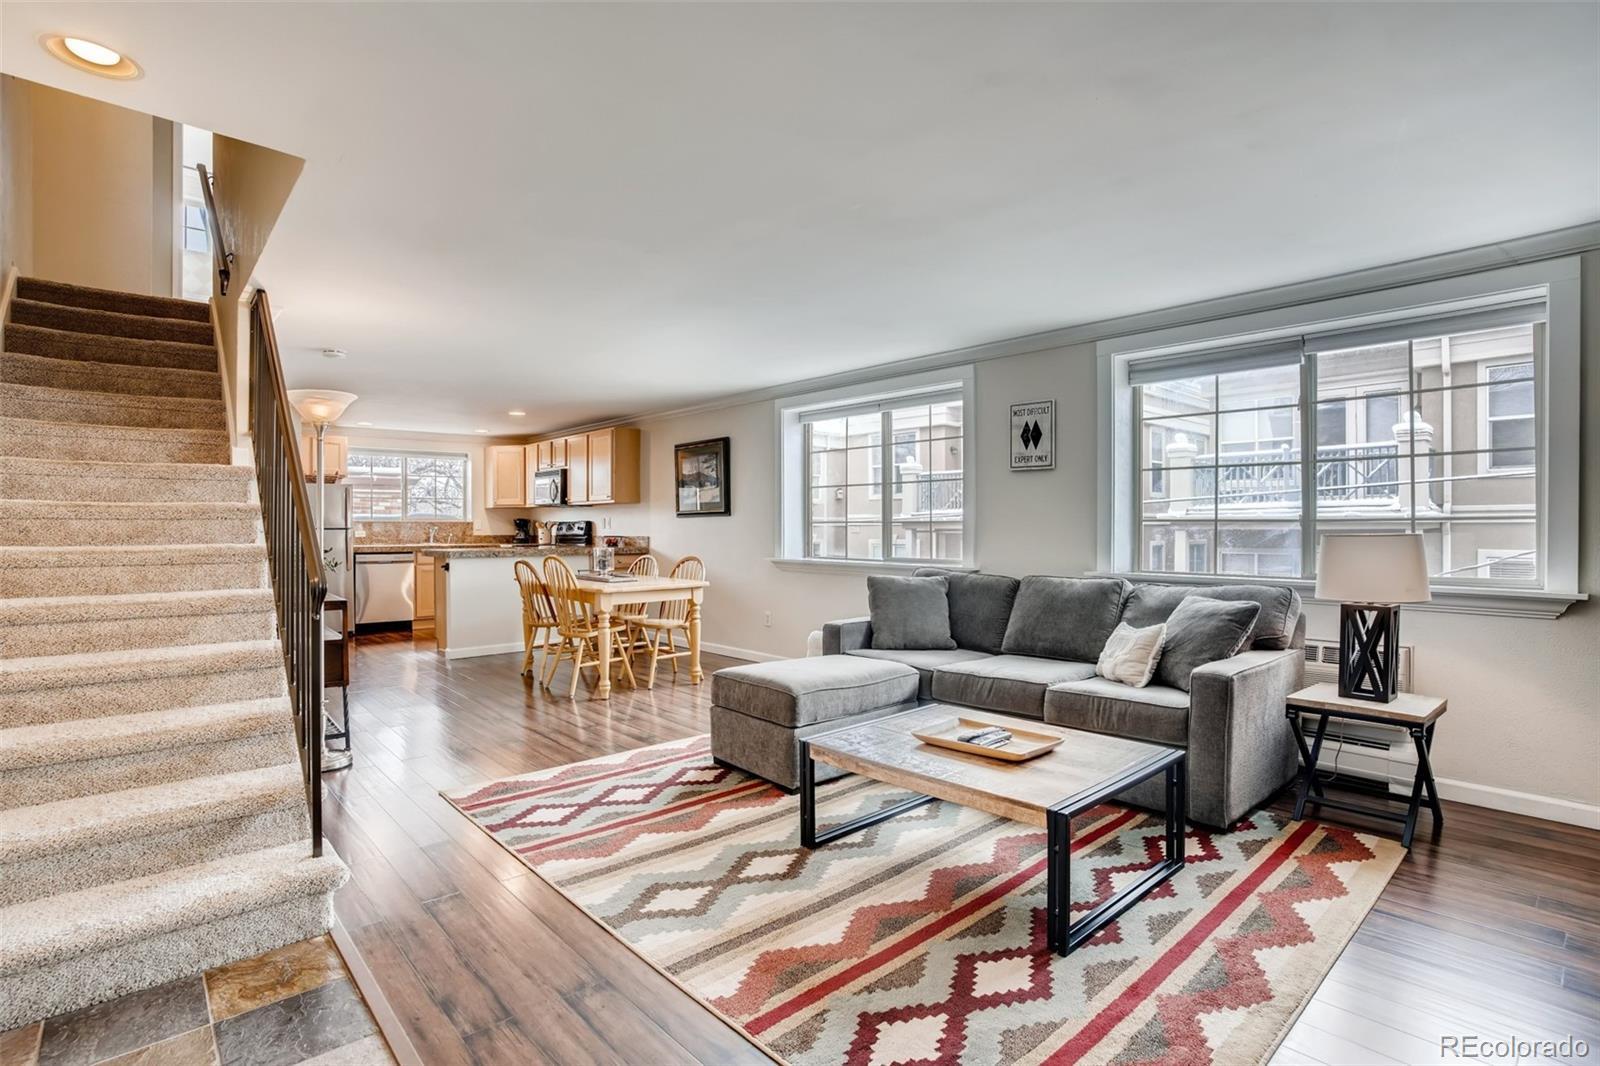 30 N Emerson Street #305, Denver, CO 80218 - Denver, CO real estate listing